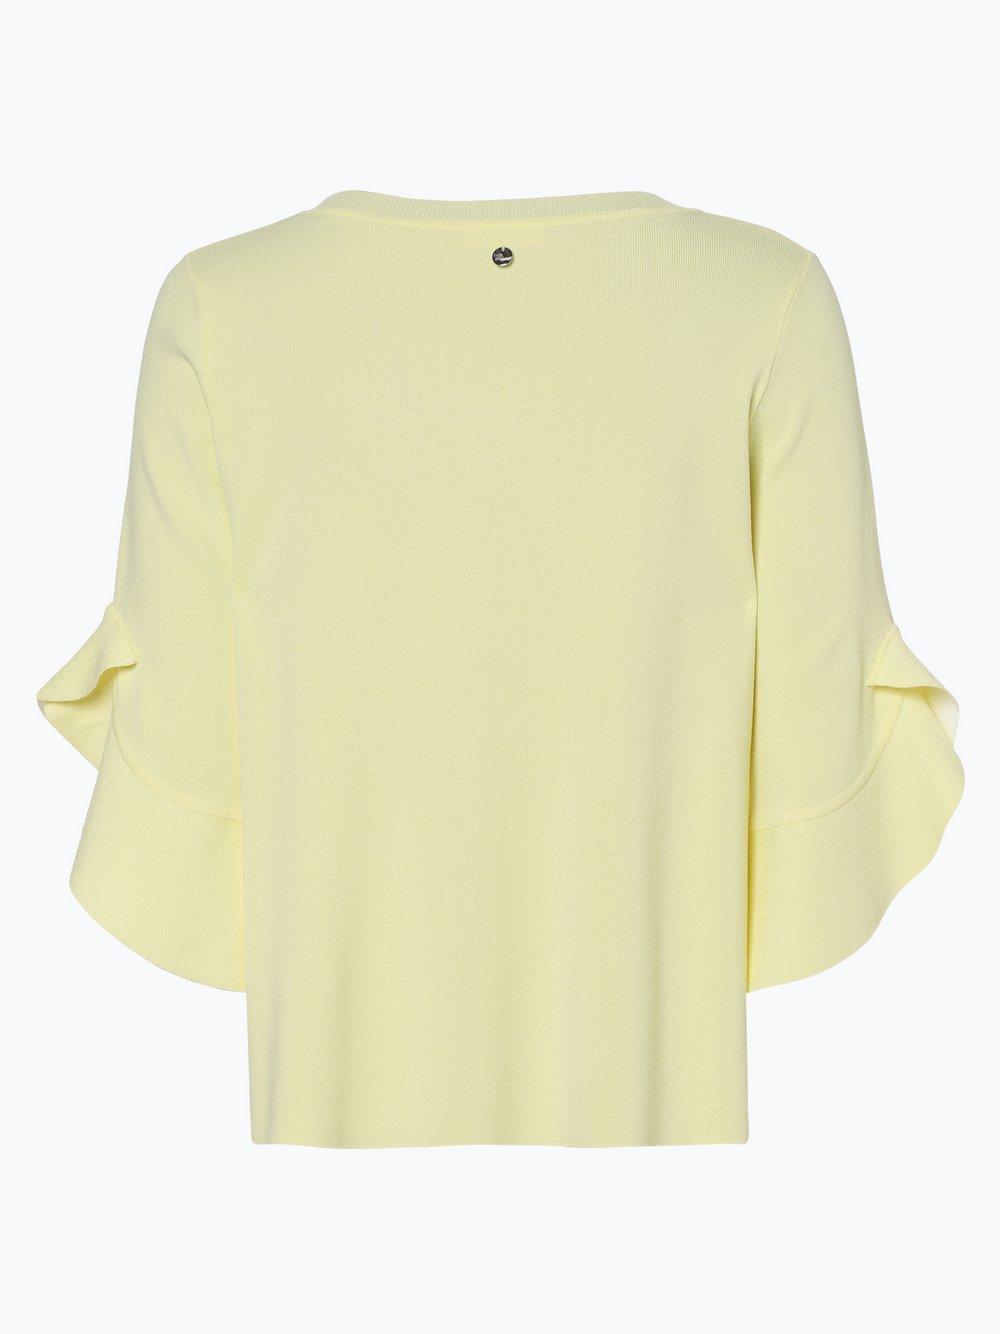 Damen Pullover gelb Talk about iQOhG